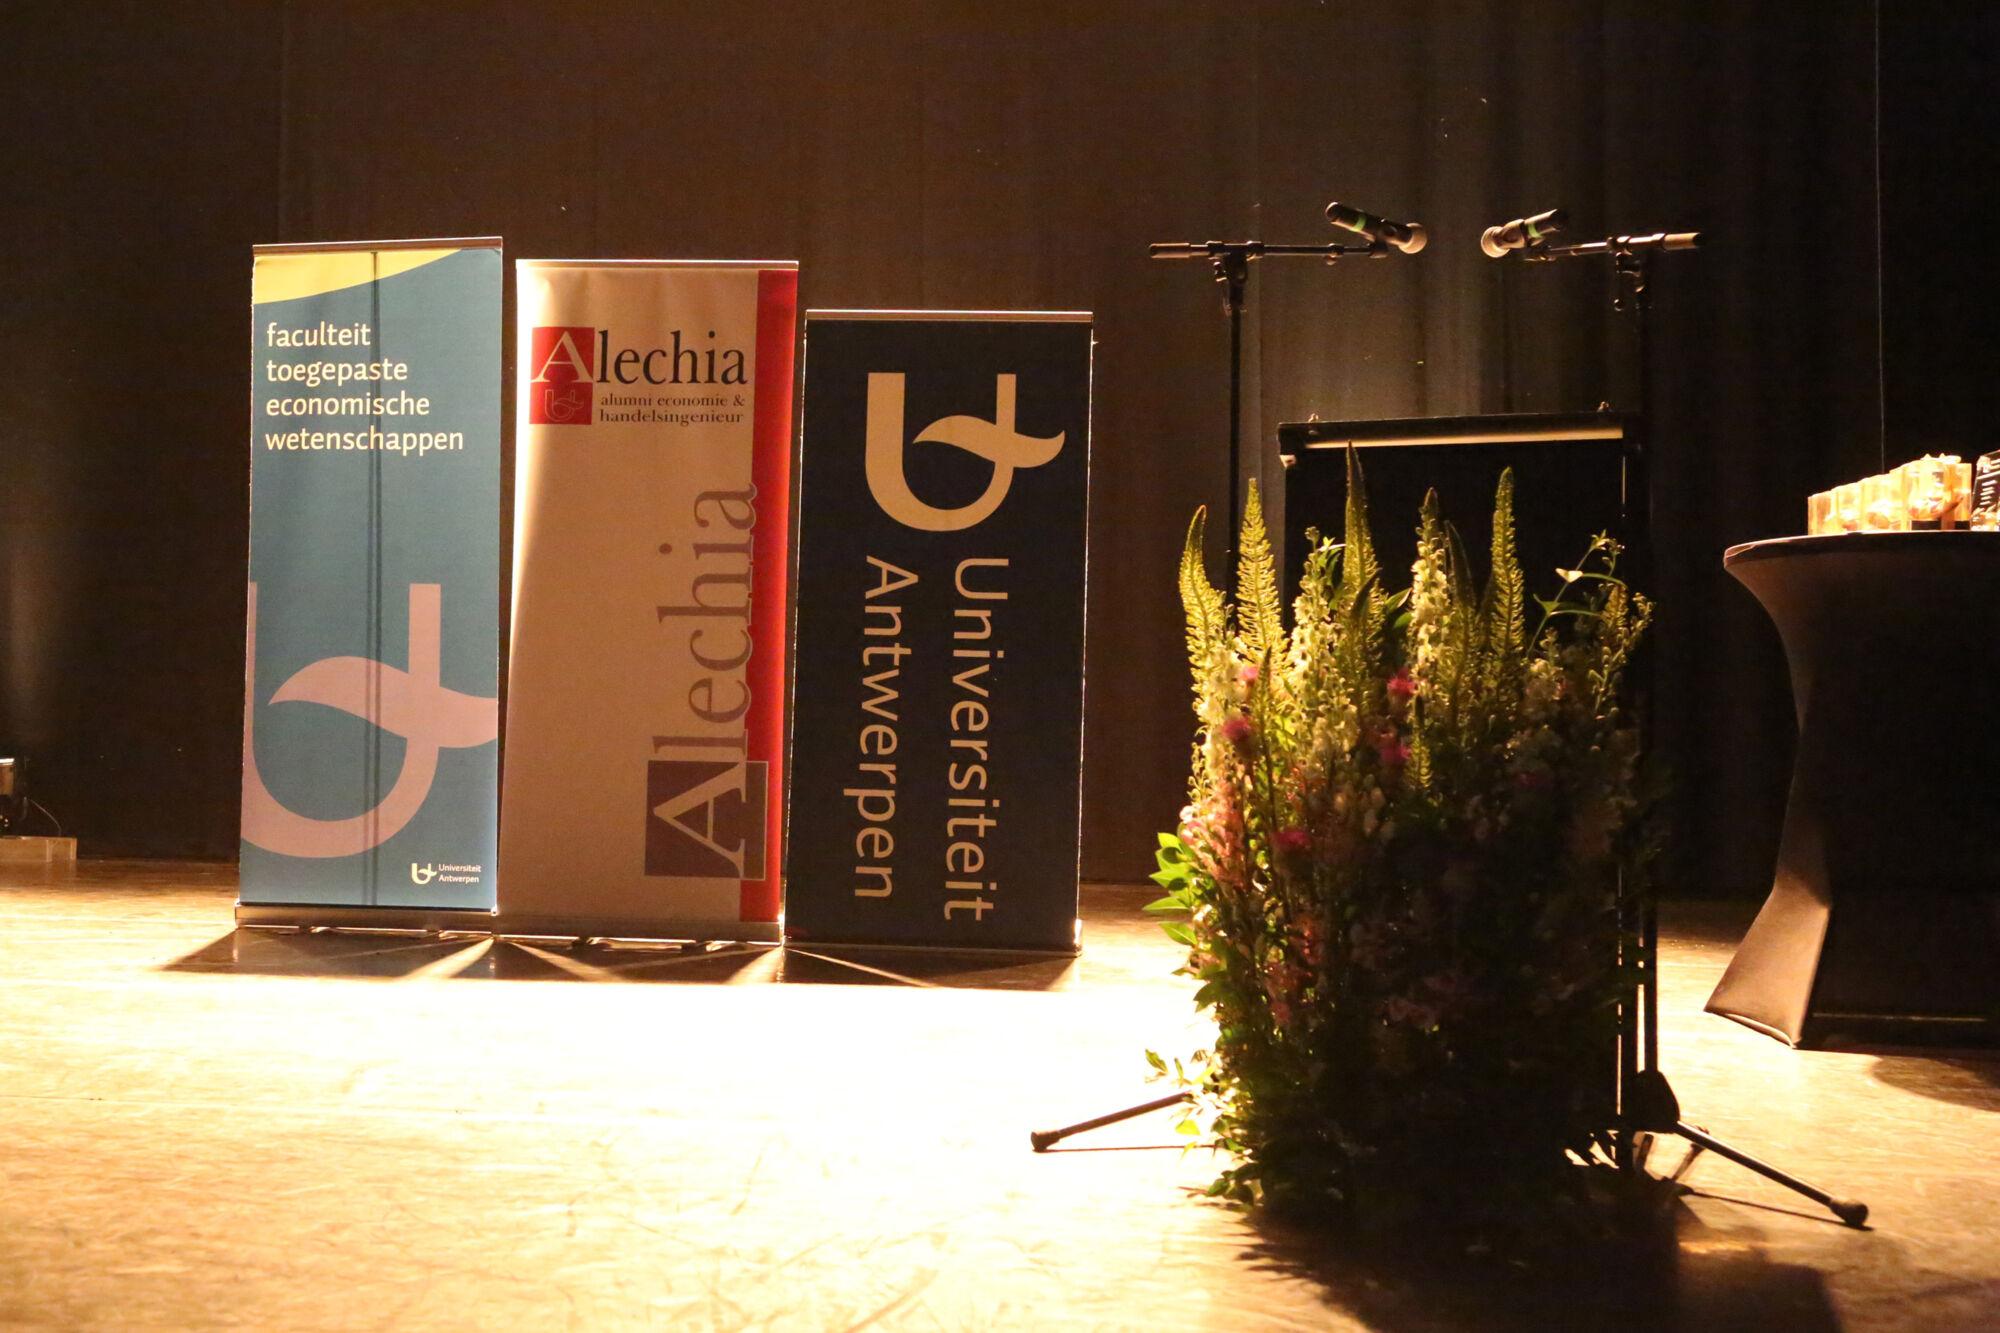 Proclamatie Toegepaste Economische Wetenschappen 2016